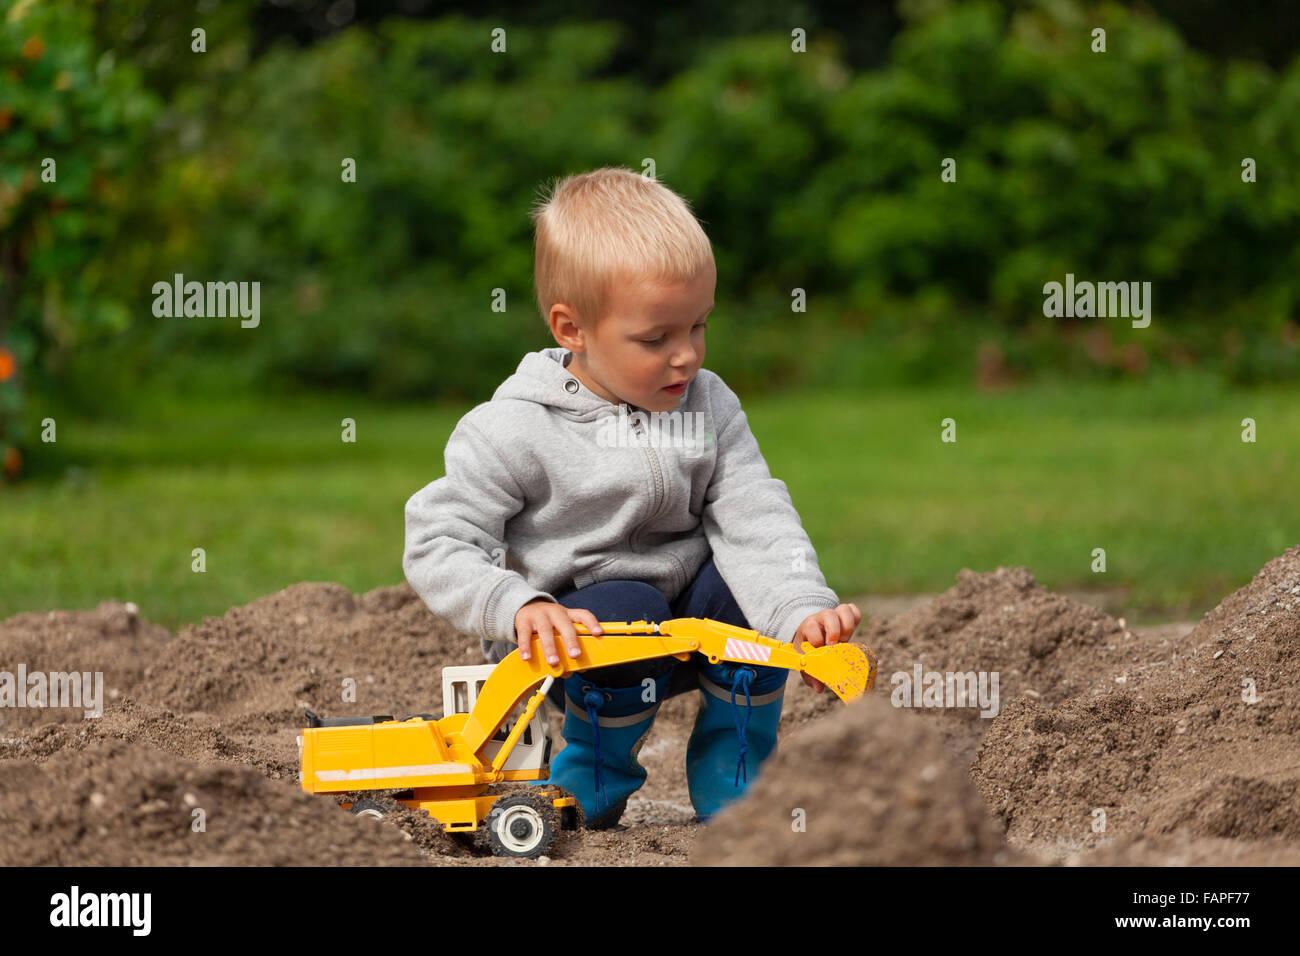 kleiner junge mit kinder bagger im sandkasten spielen stockfoto